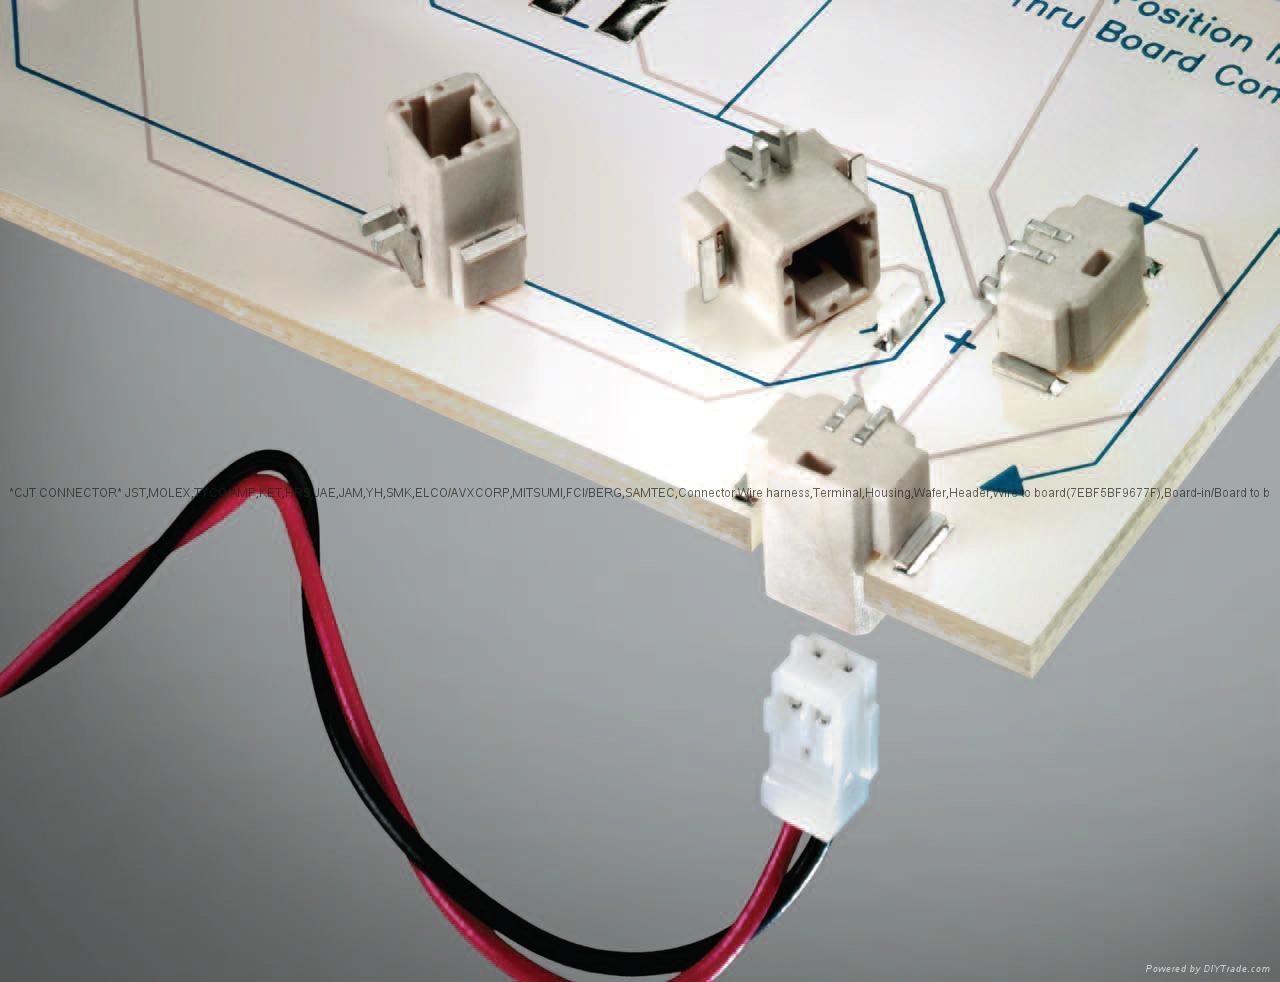 连接器 LED连接器,筒灯连接器,反向穿板式SMT连接器 1